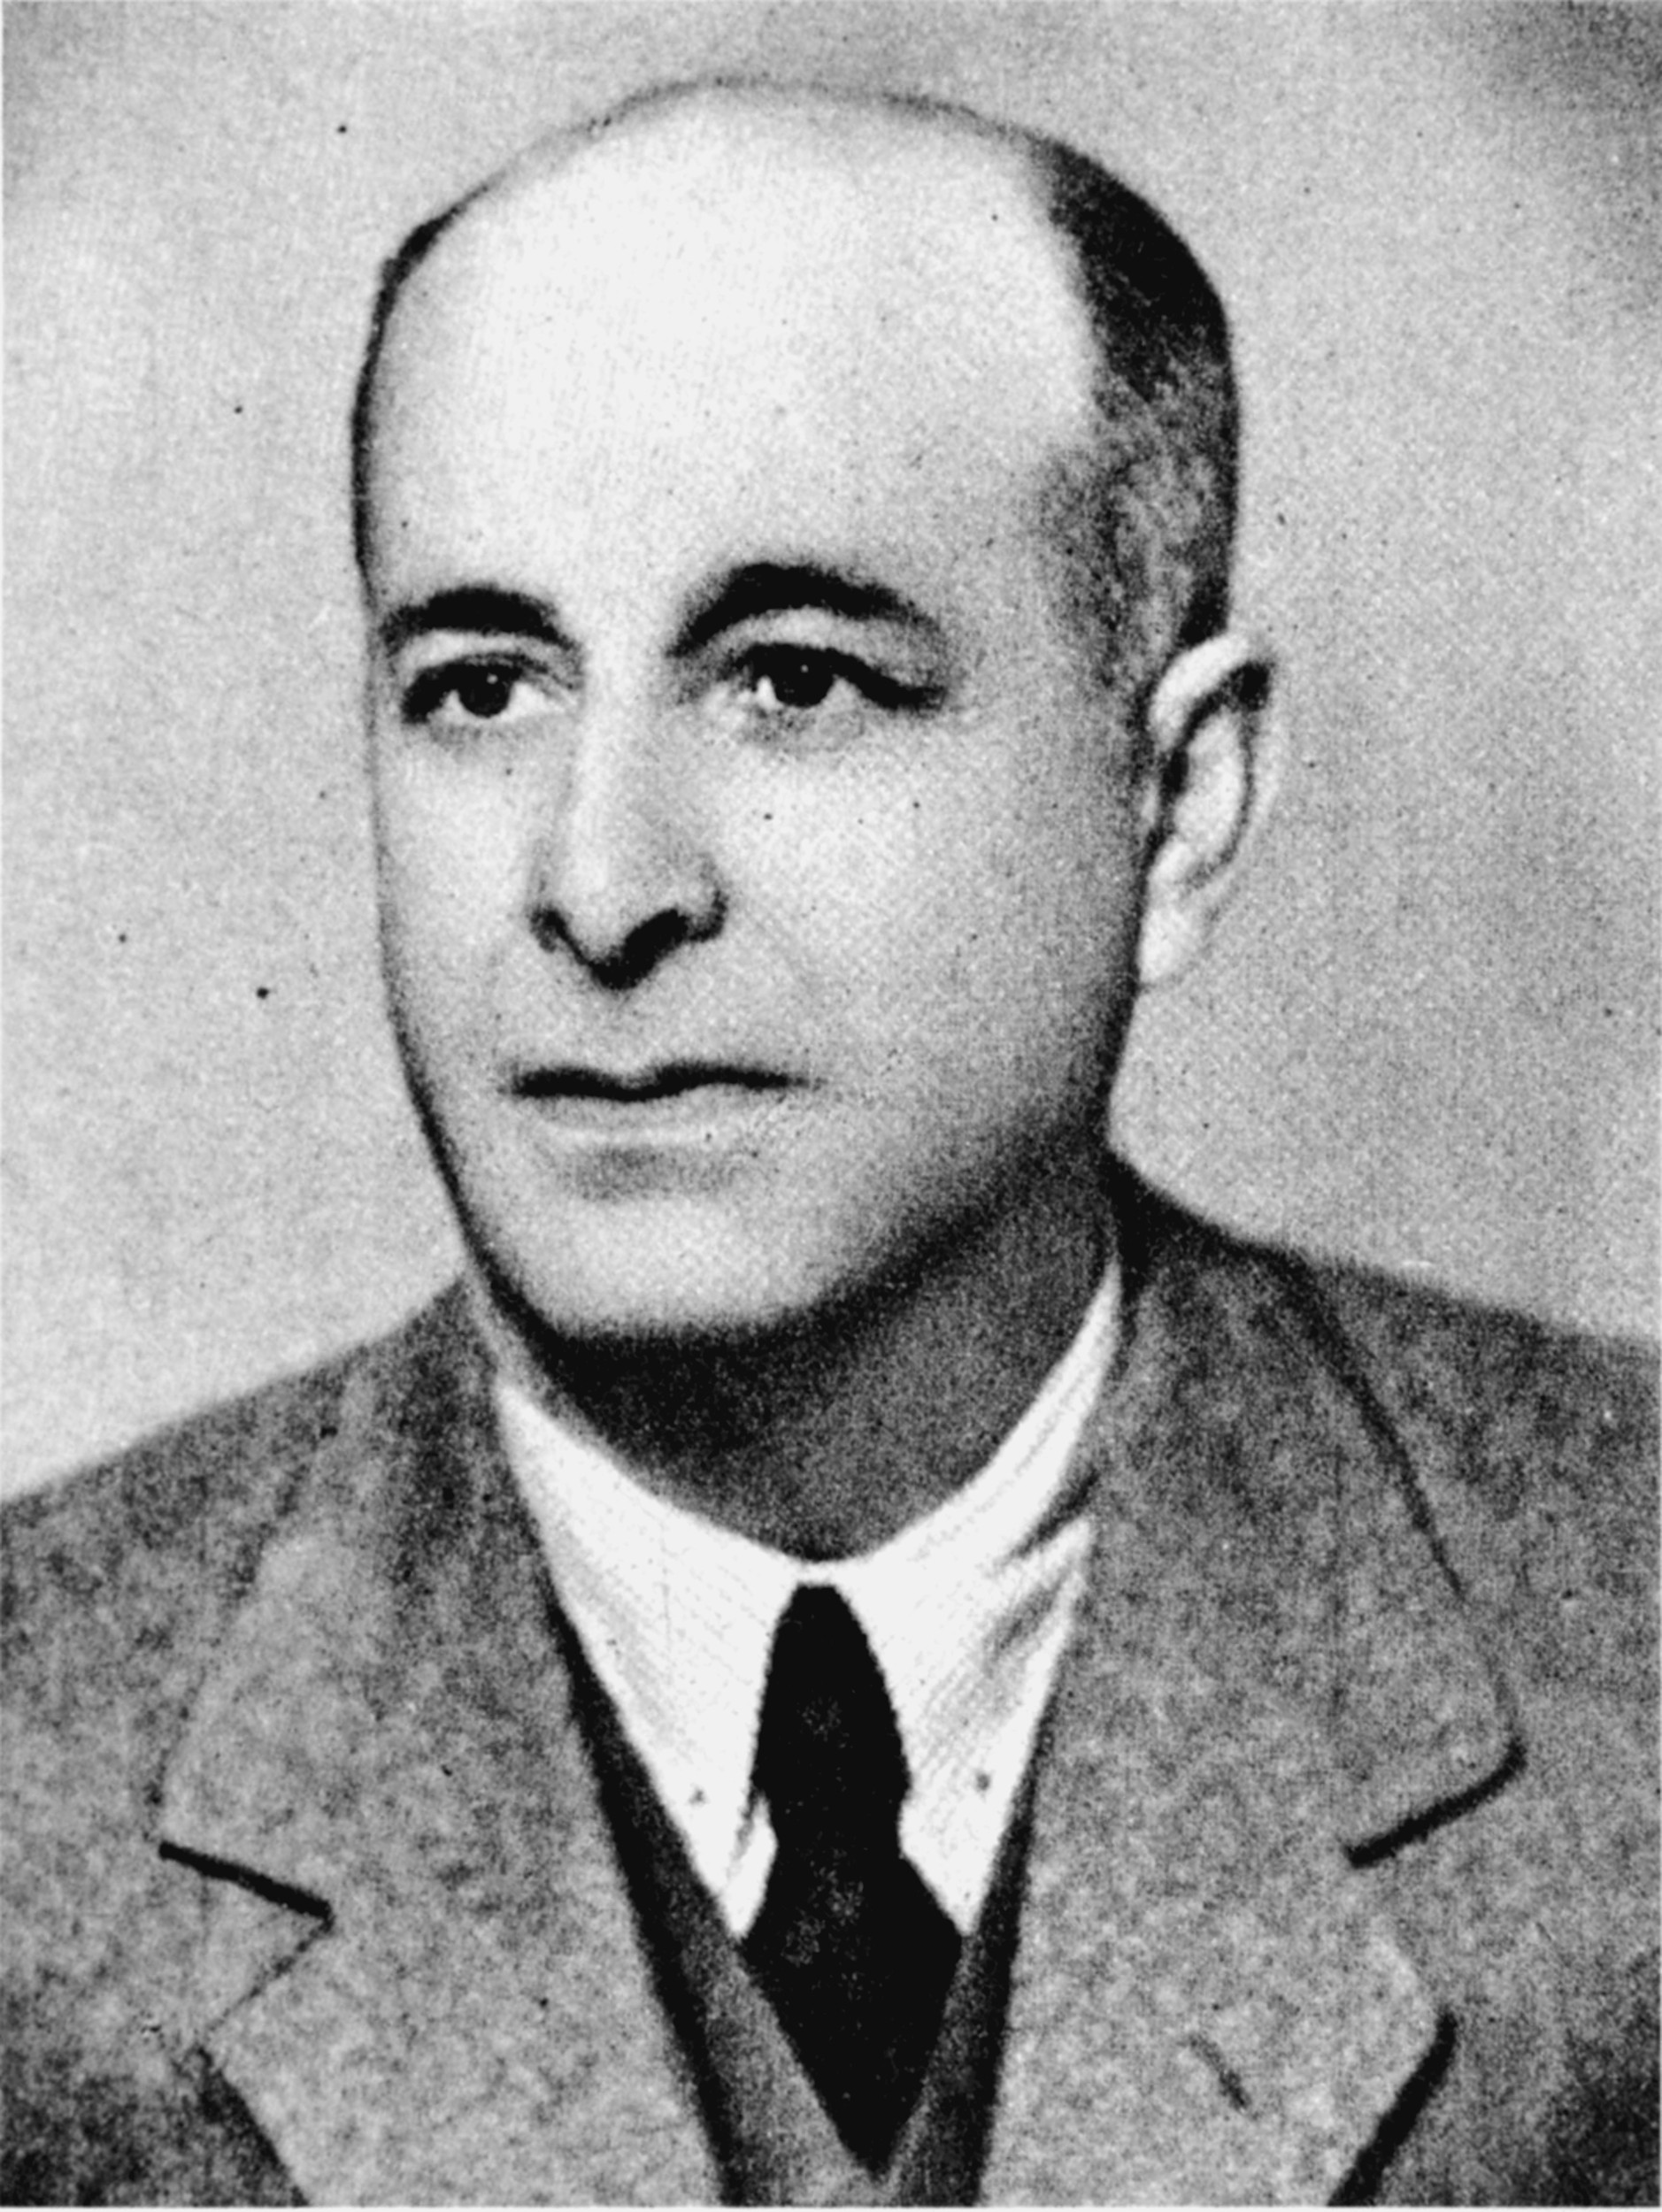 Francisco Sánchez Cossío